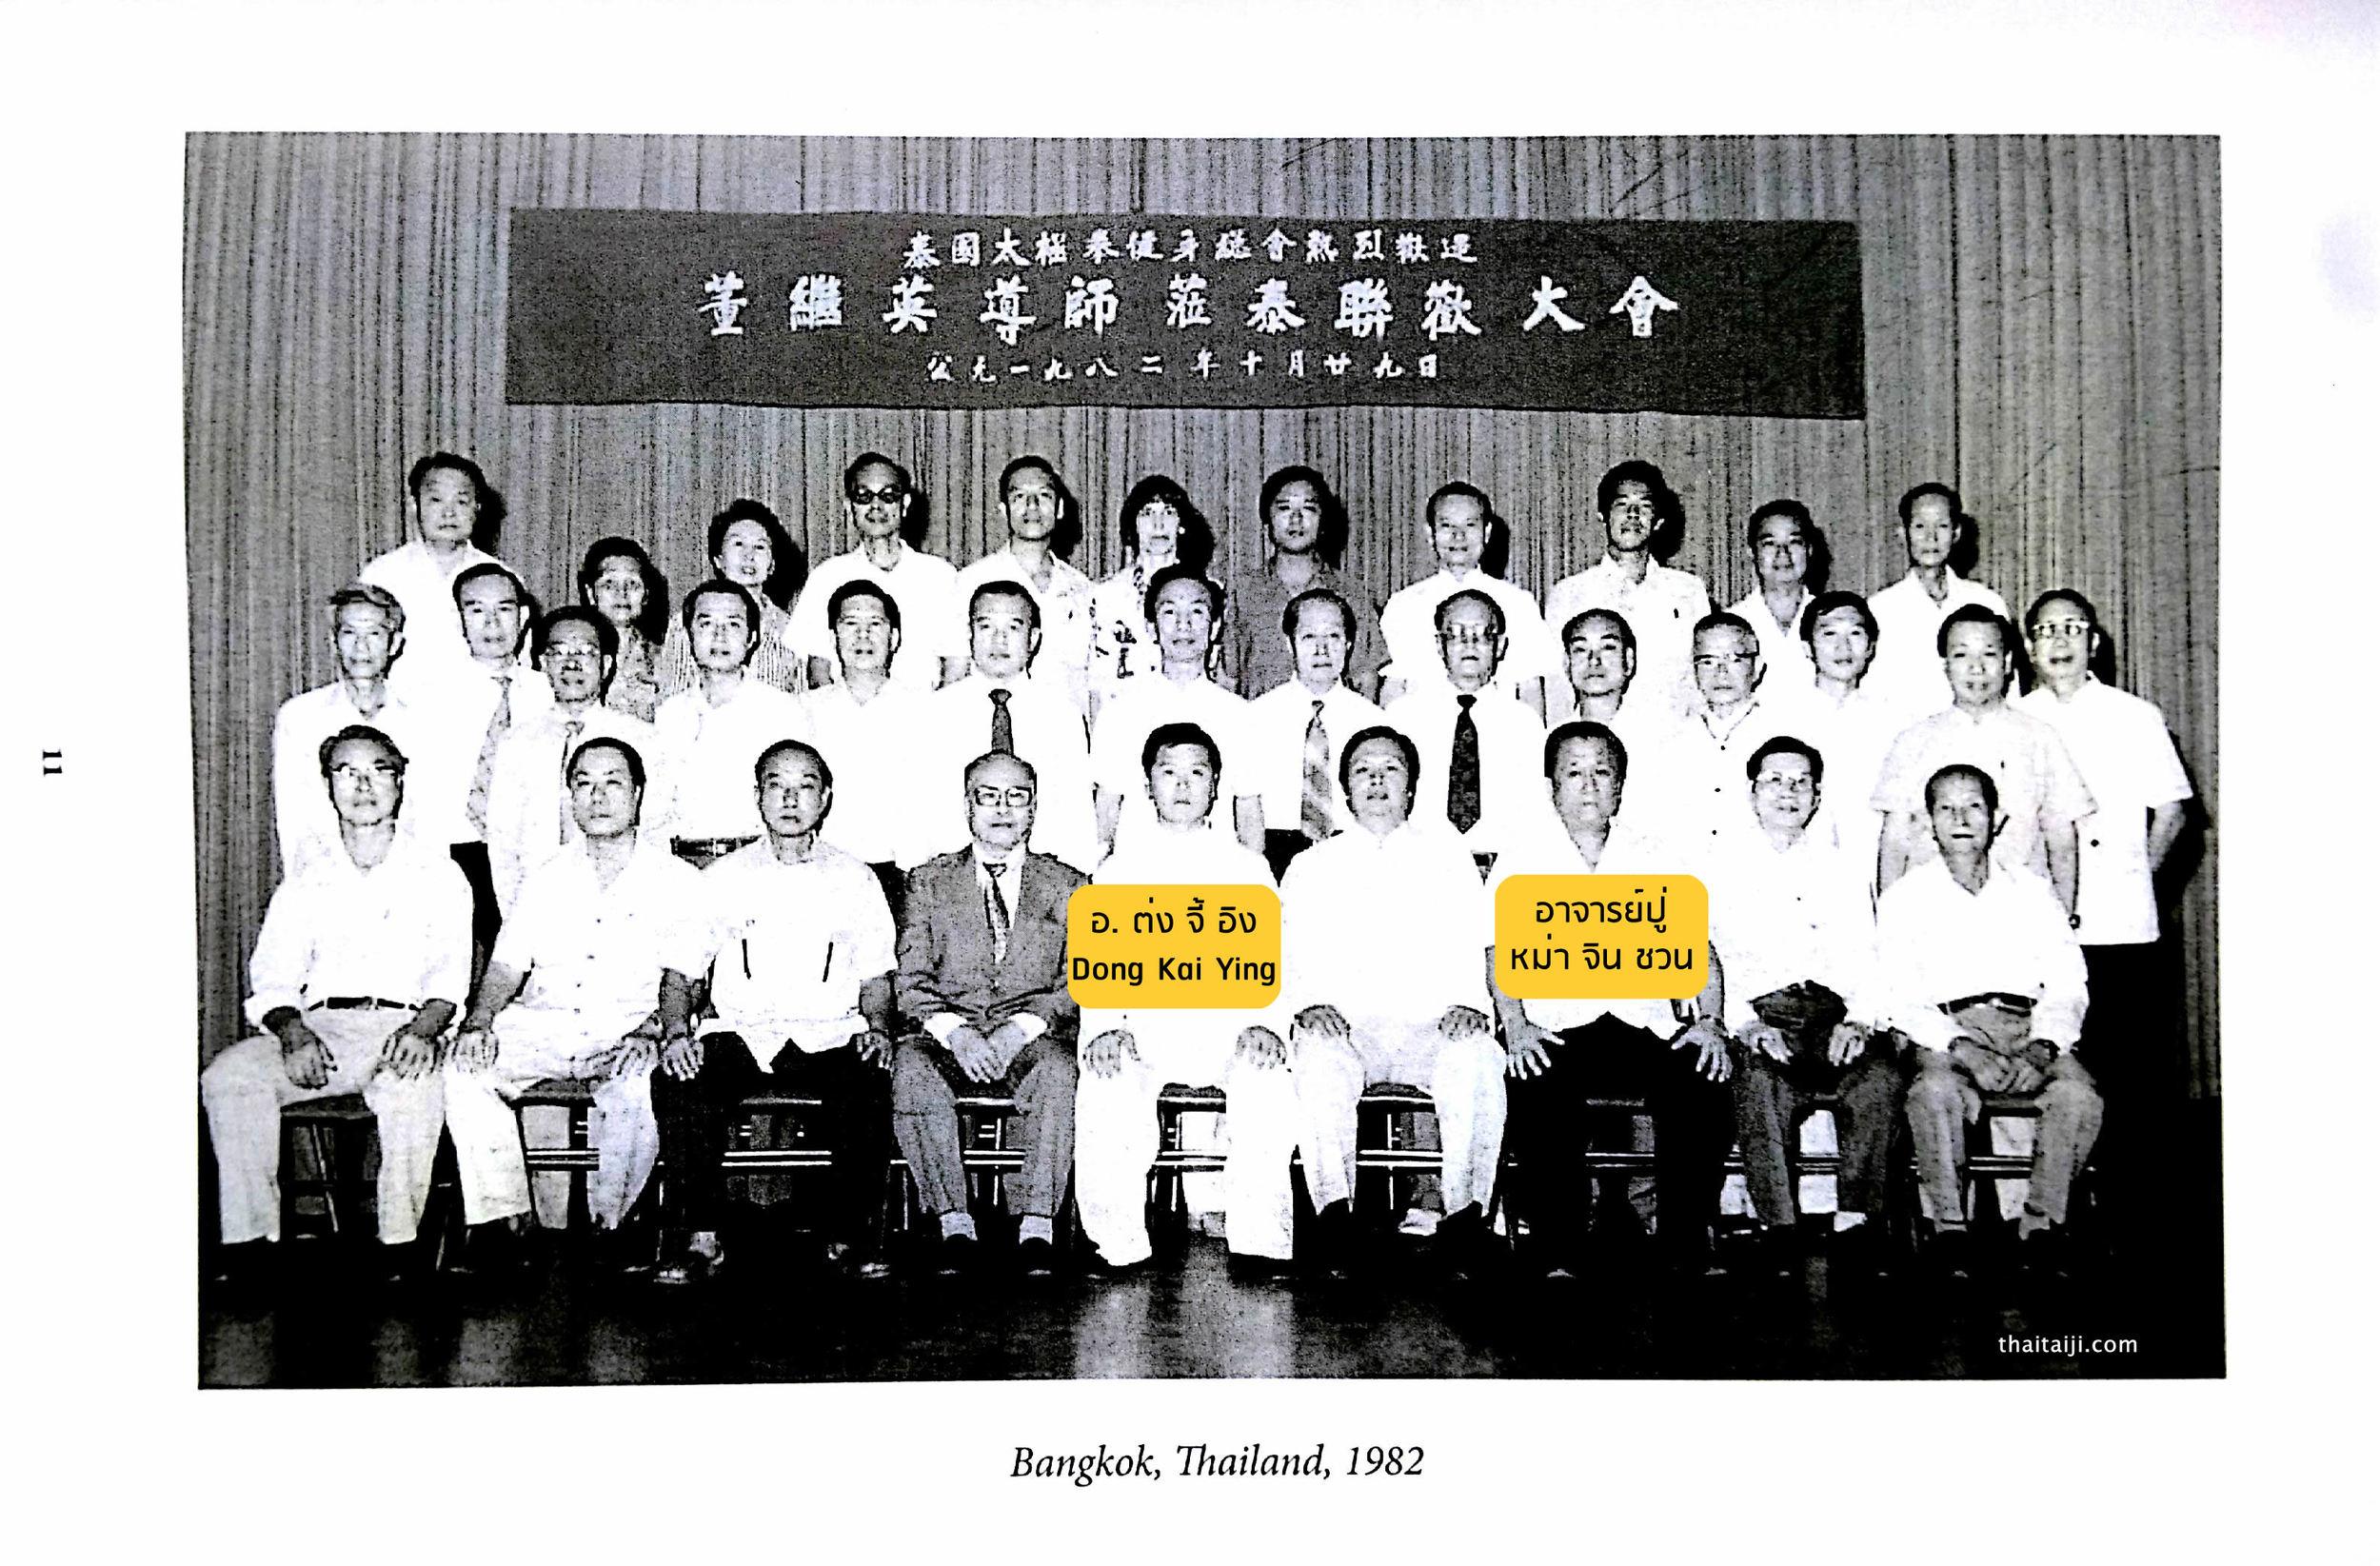 อาจารย์ต่งจี้อิงมาสอนมวยไท่จี๋ที่เมืองไทย เมื่อปี พ.ศ. 2525. เครดิตภาพจาก หนังสือ Learning Tai Chi Chuan โดย อ. ต่งจี้อิง, 2012.